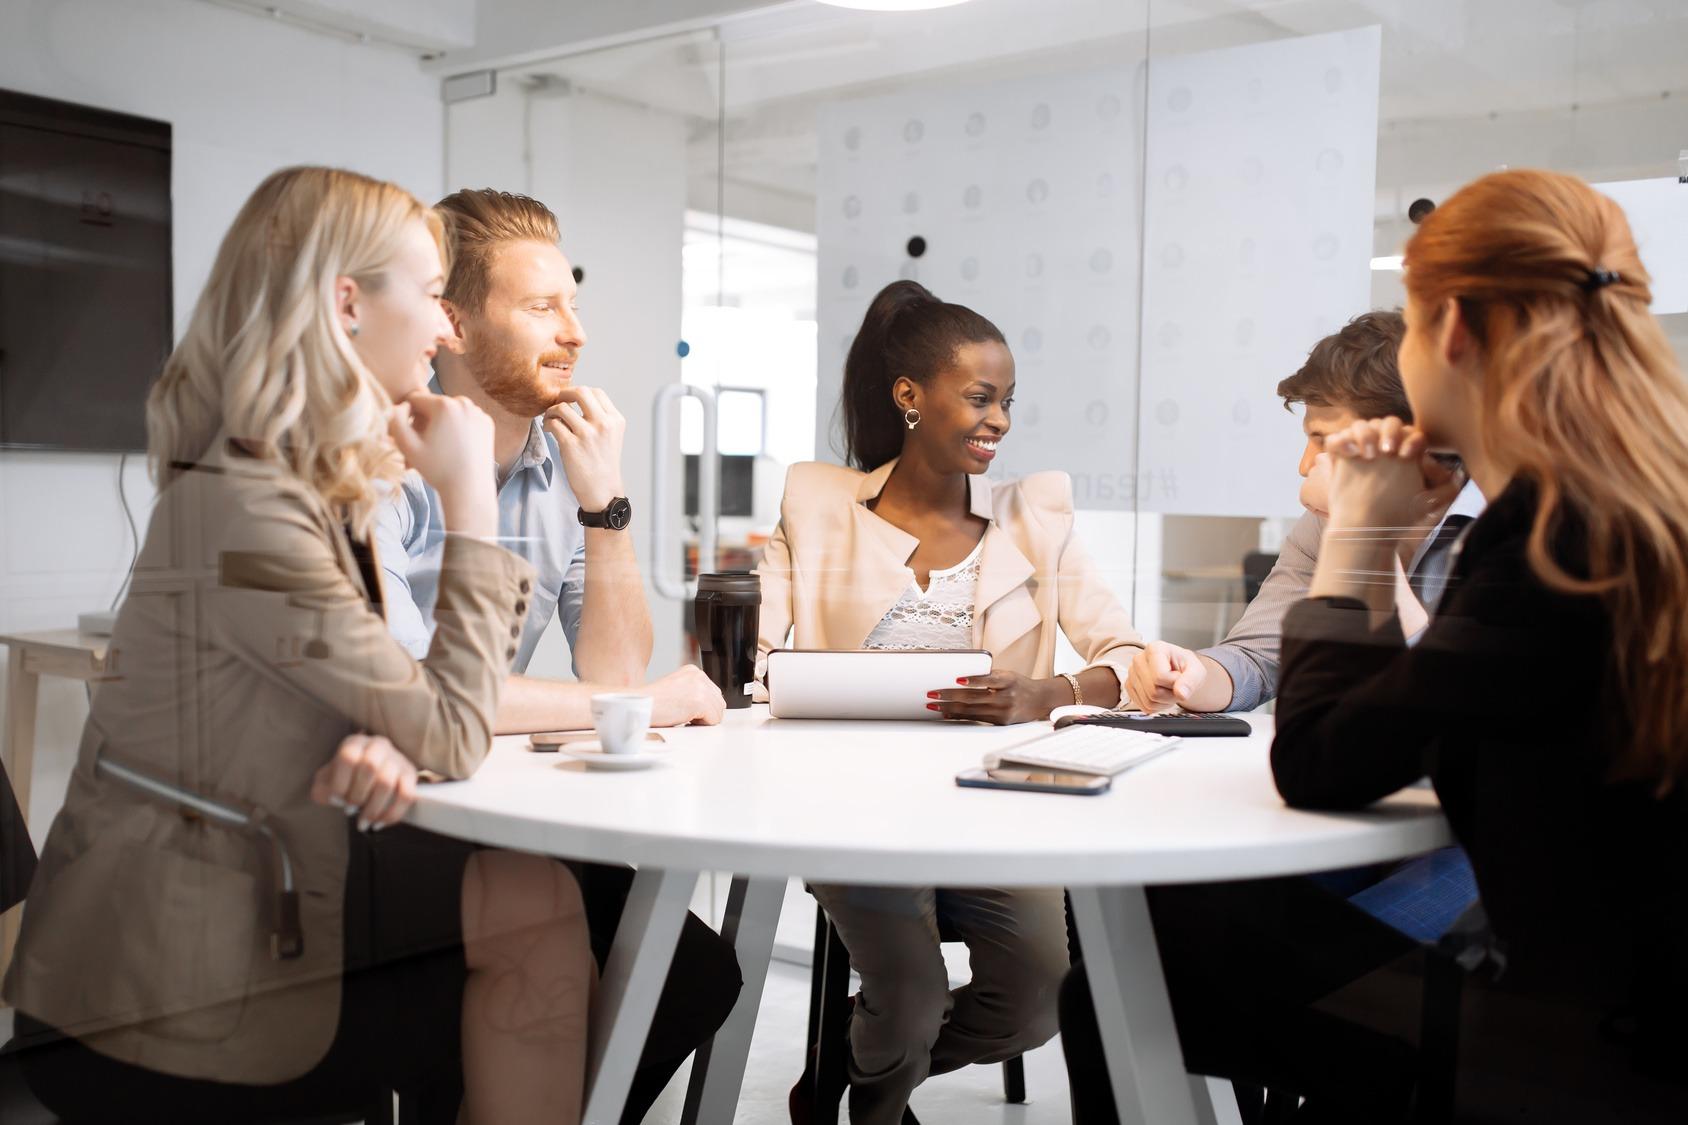 Fünf junge Geschäftsleute sitzen bei einem Meeting im um einen Runden Tisch